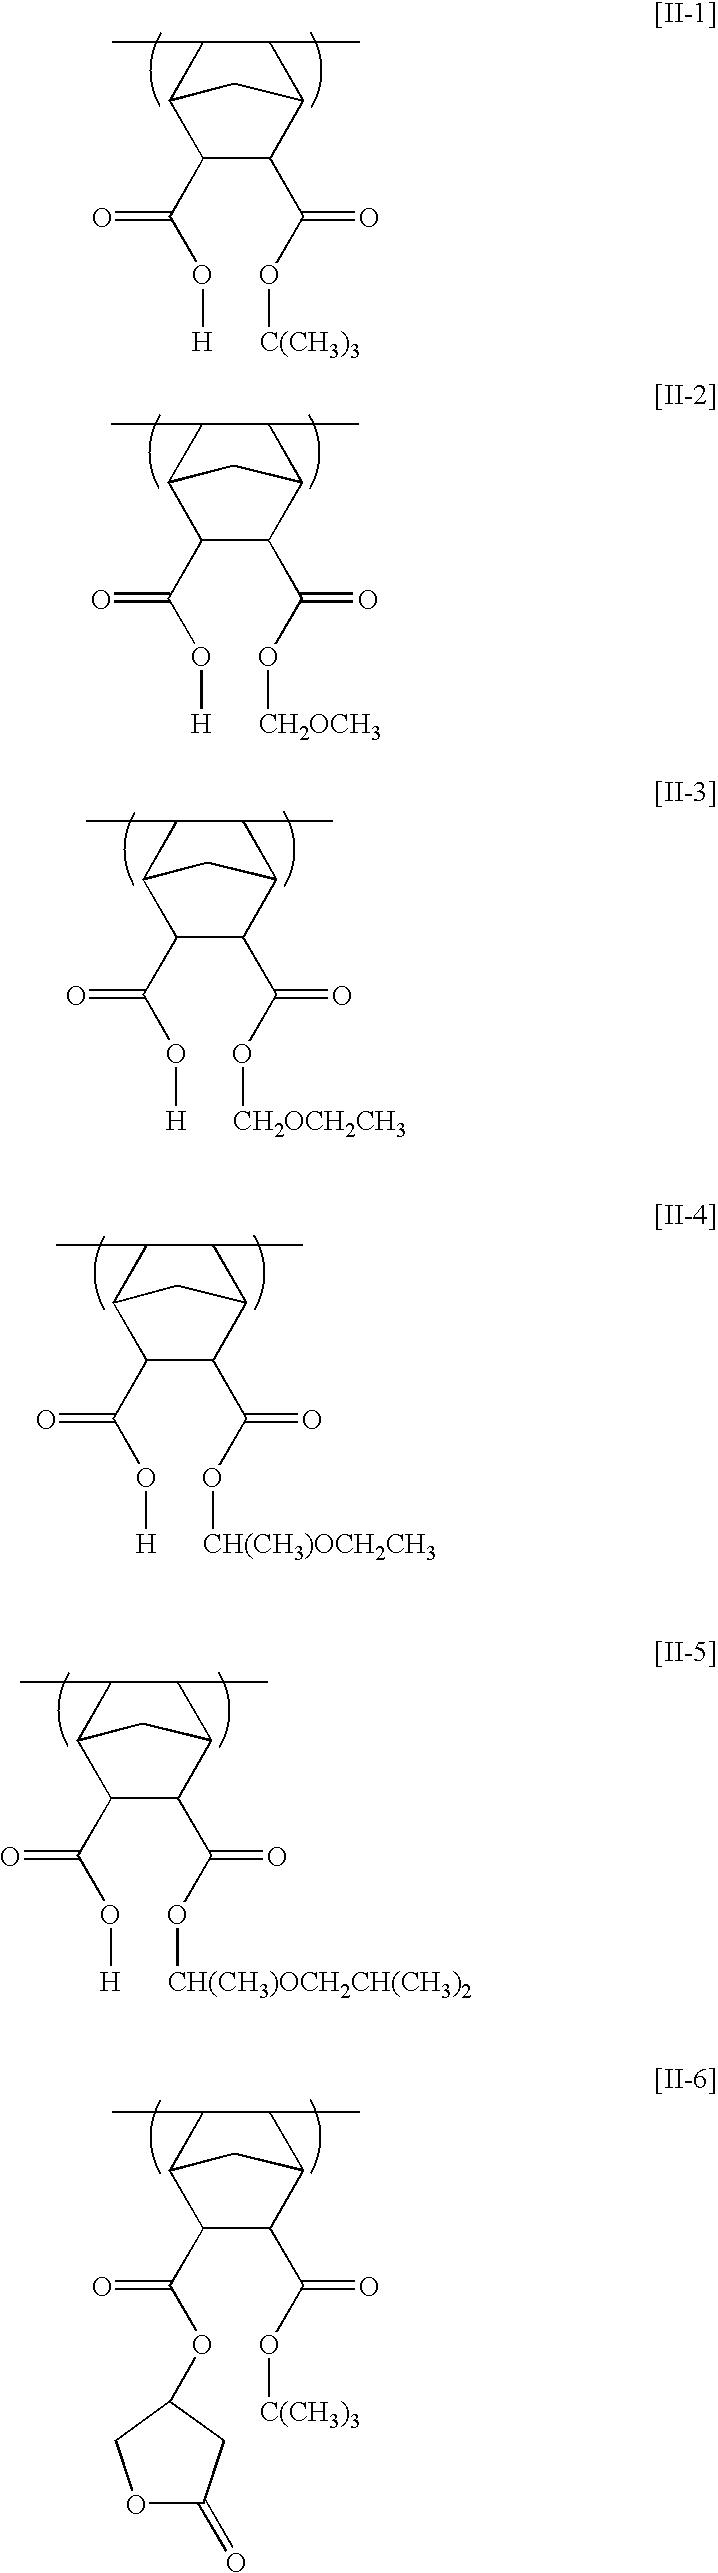 Figure US20030186161A1-20031002-C00058